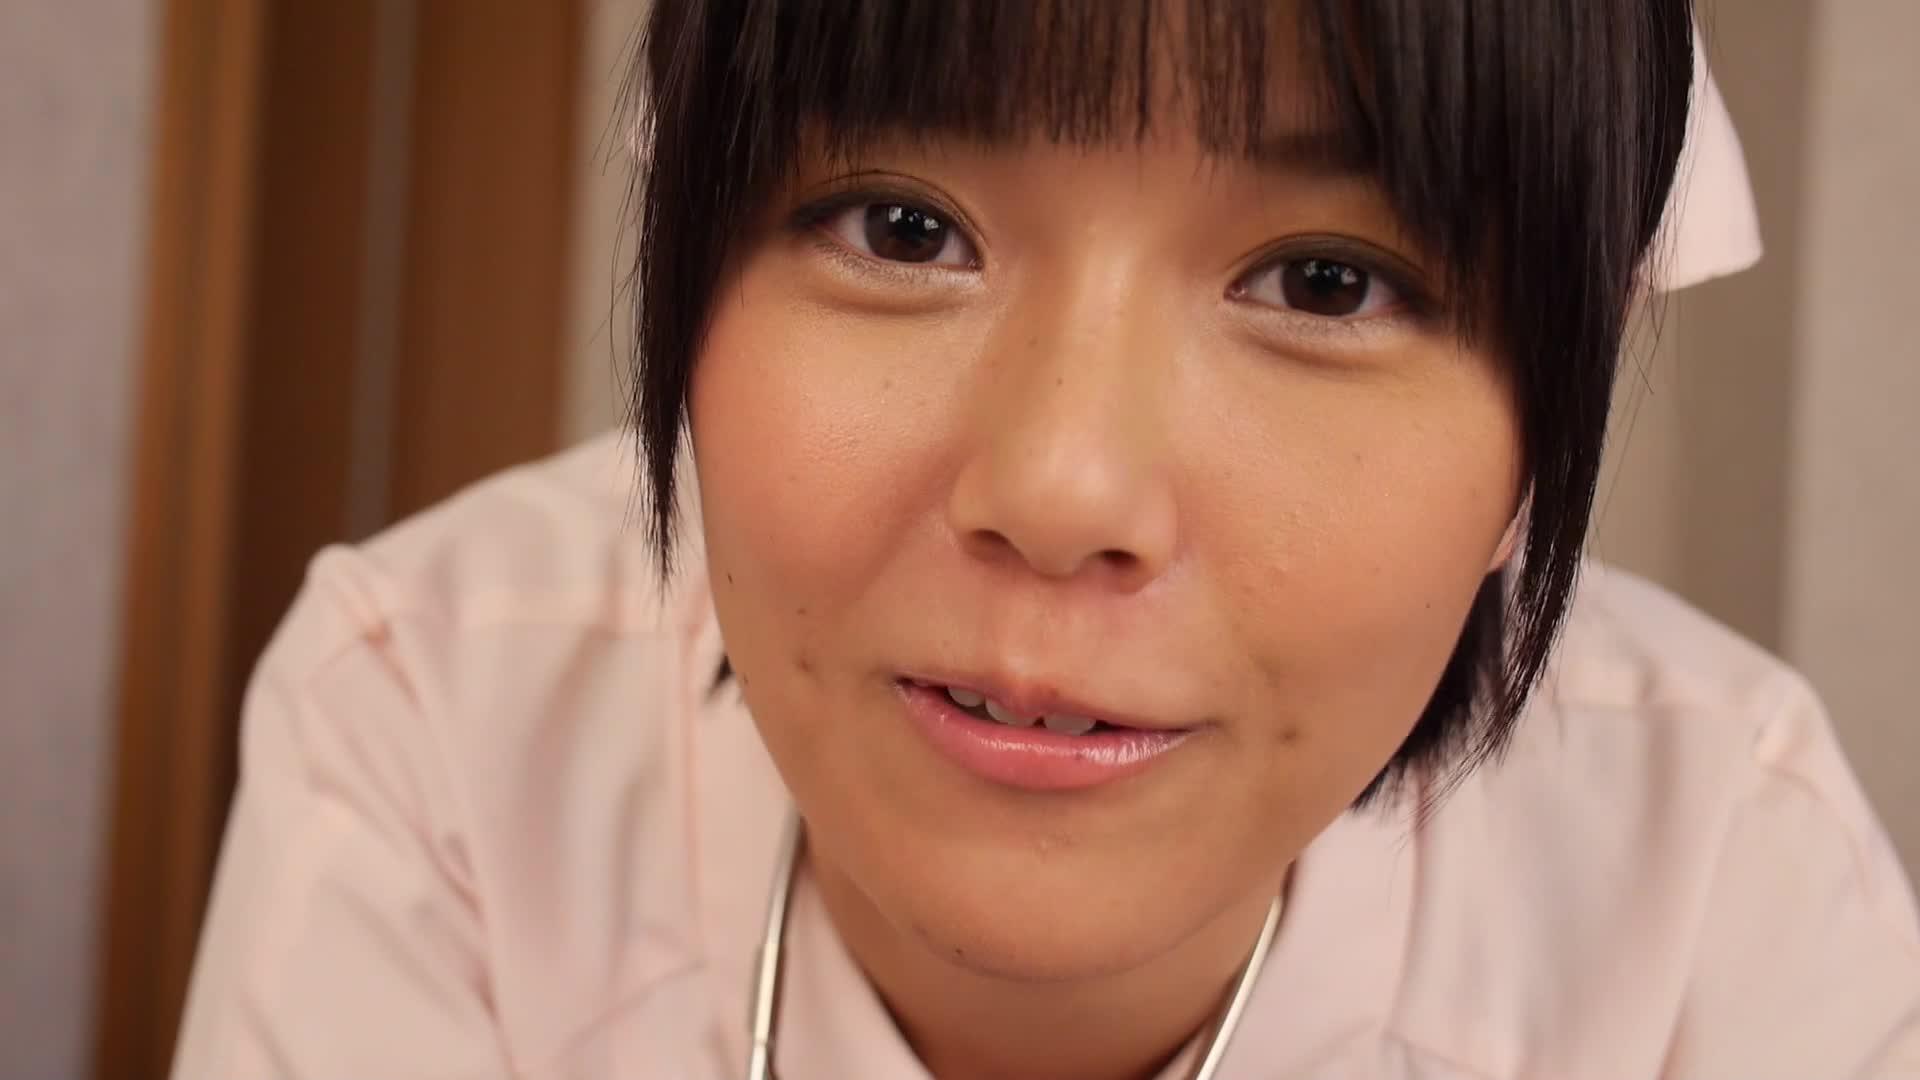 c1 - 夢白書 〜黄金のまどろみ〜/伊唐みよ